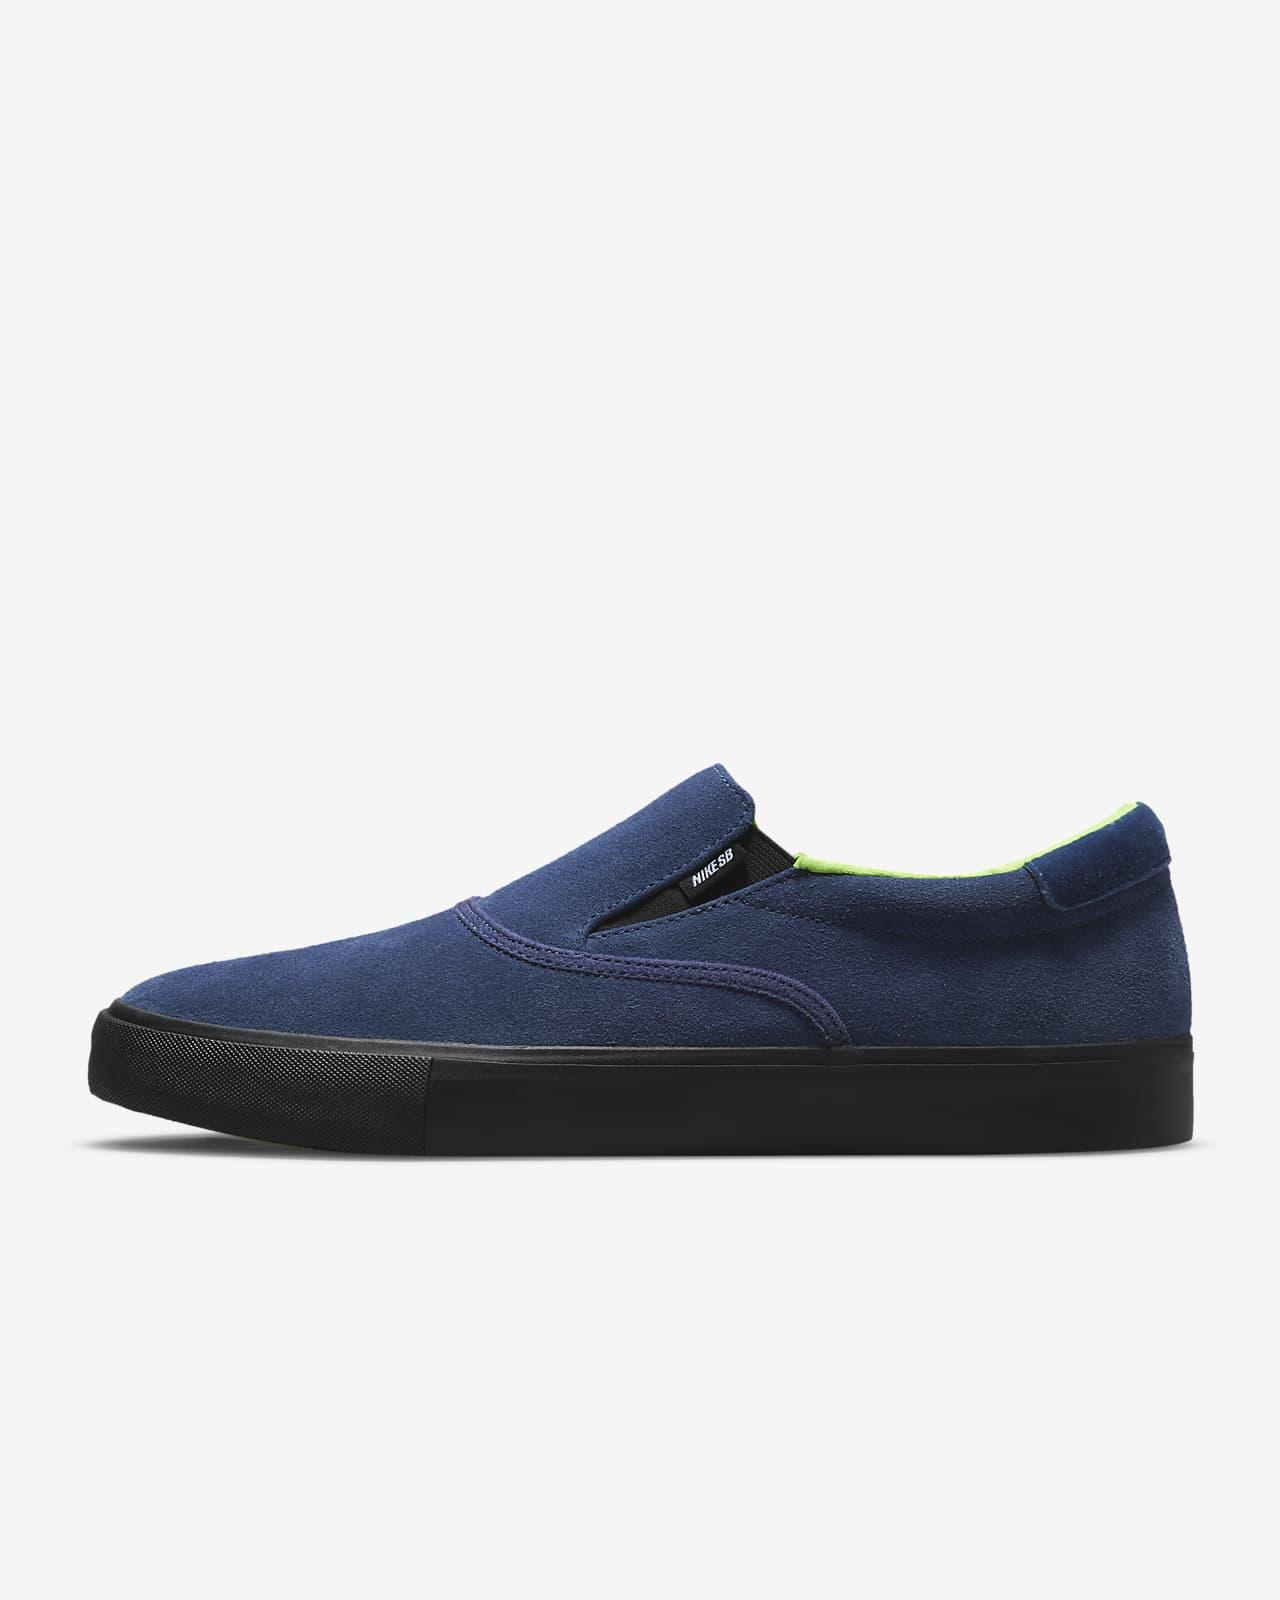 Calzado de skateboarding Nike SB Zoom Verona Slip x Leo Baker